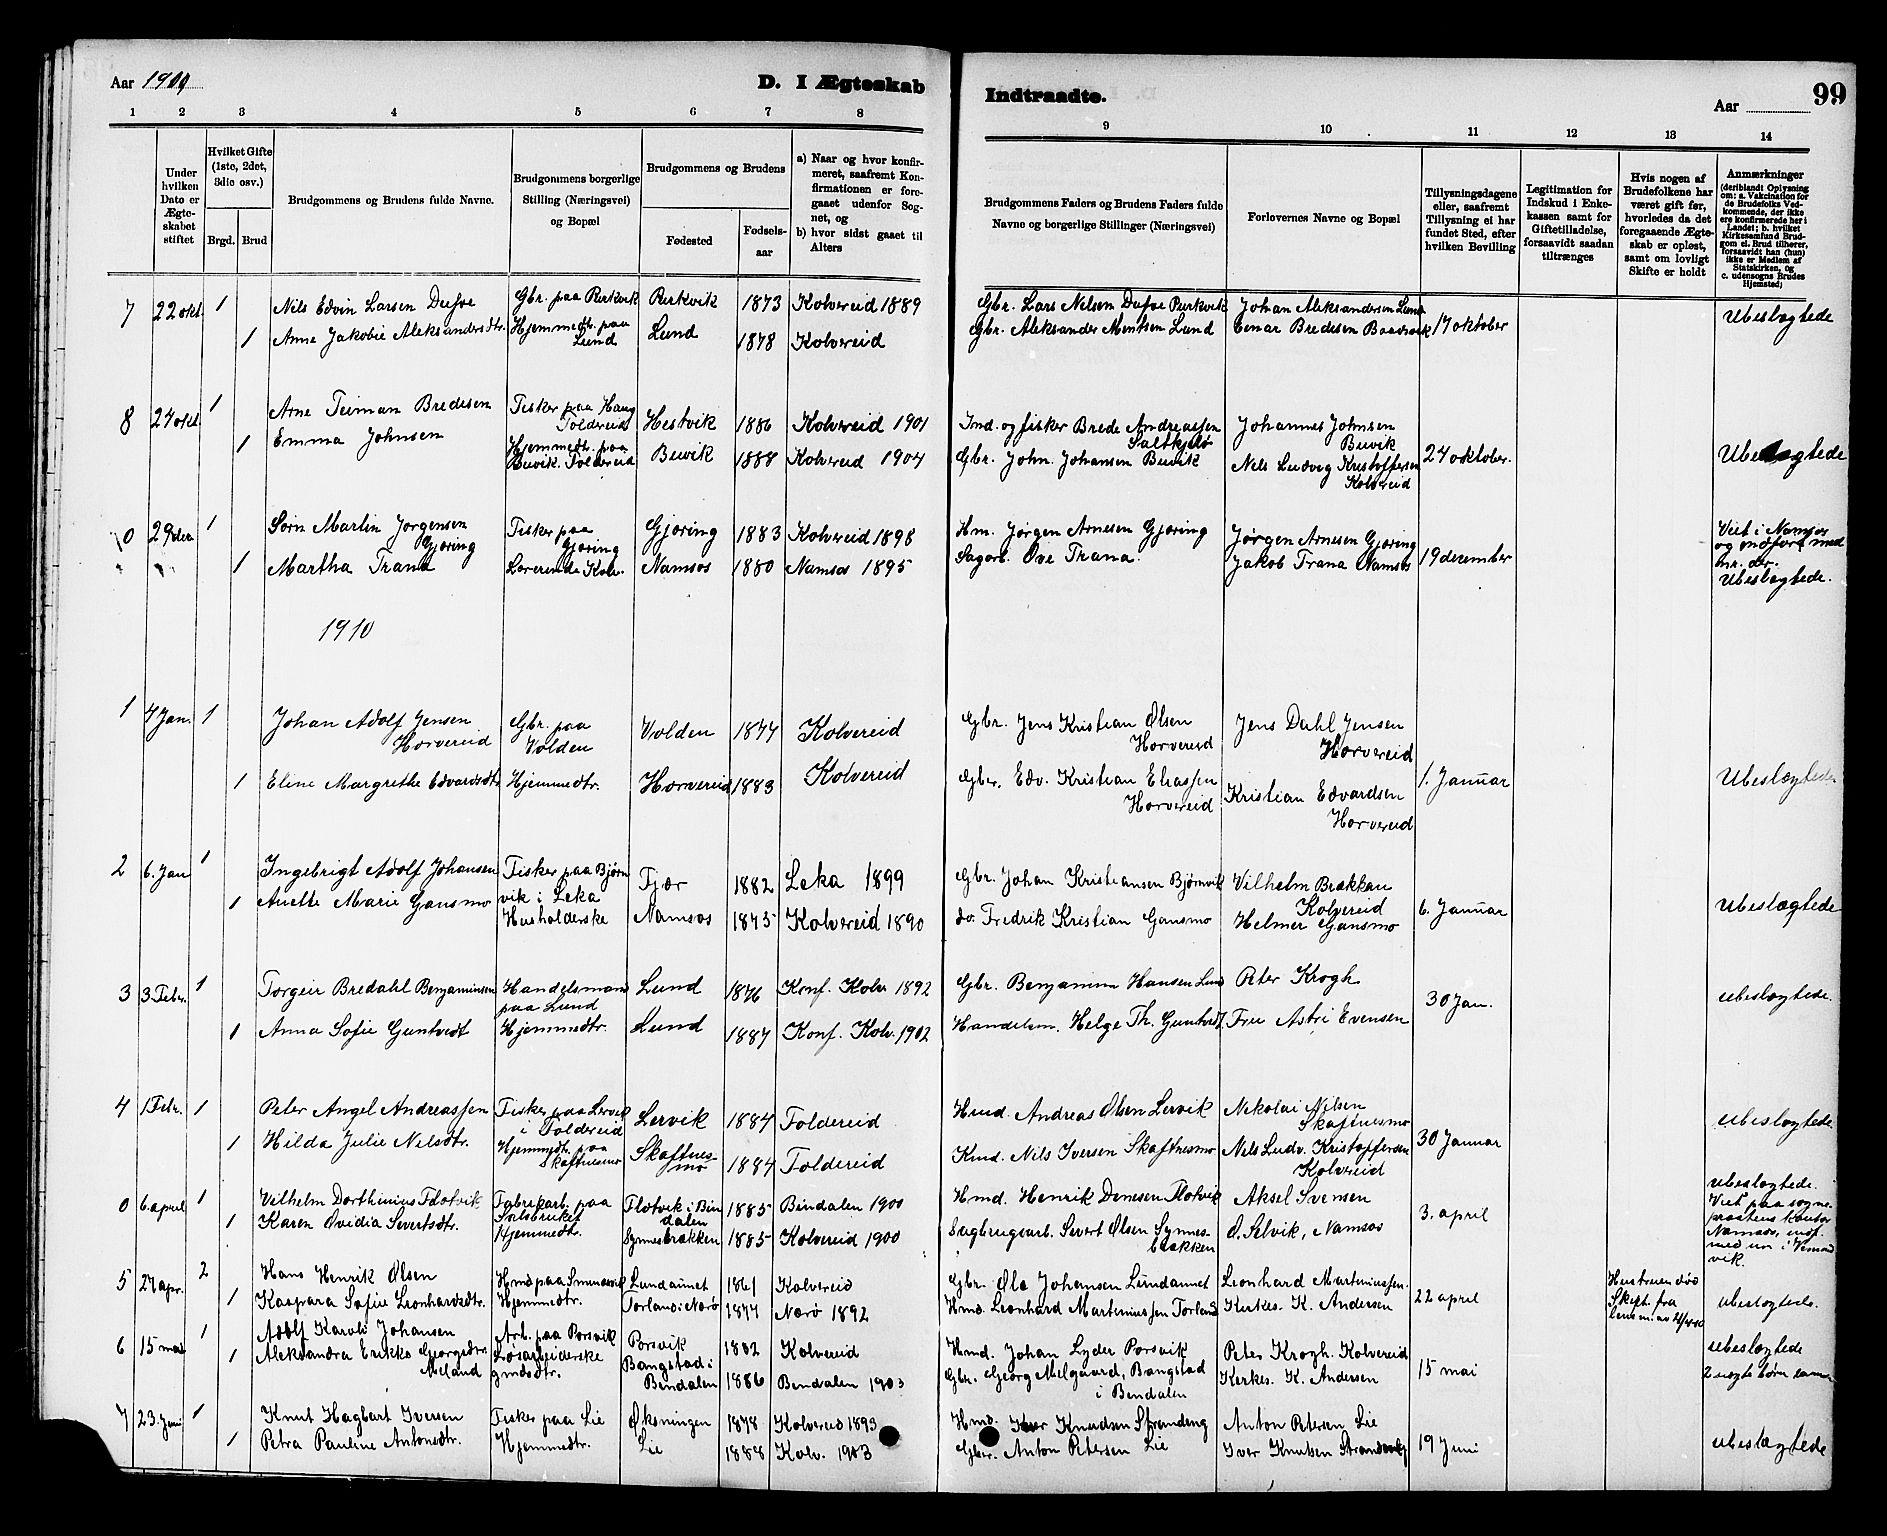 SAT, Ministerialprotokoller, klokkerbøker og fødselsregistre - Nord-Trøndelag, 780/L0652: Klokkerbok nr. 780C04, 1899-1911, s. 99